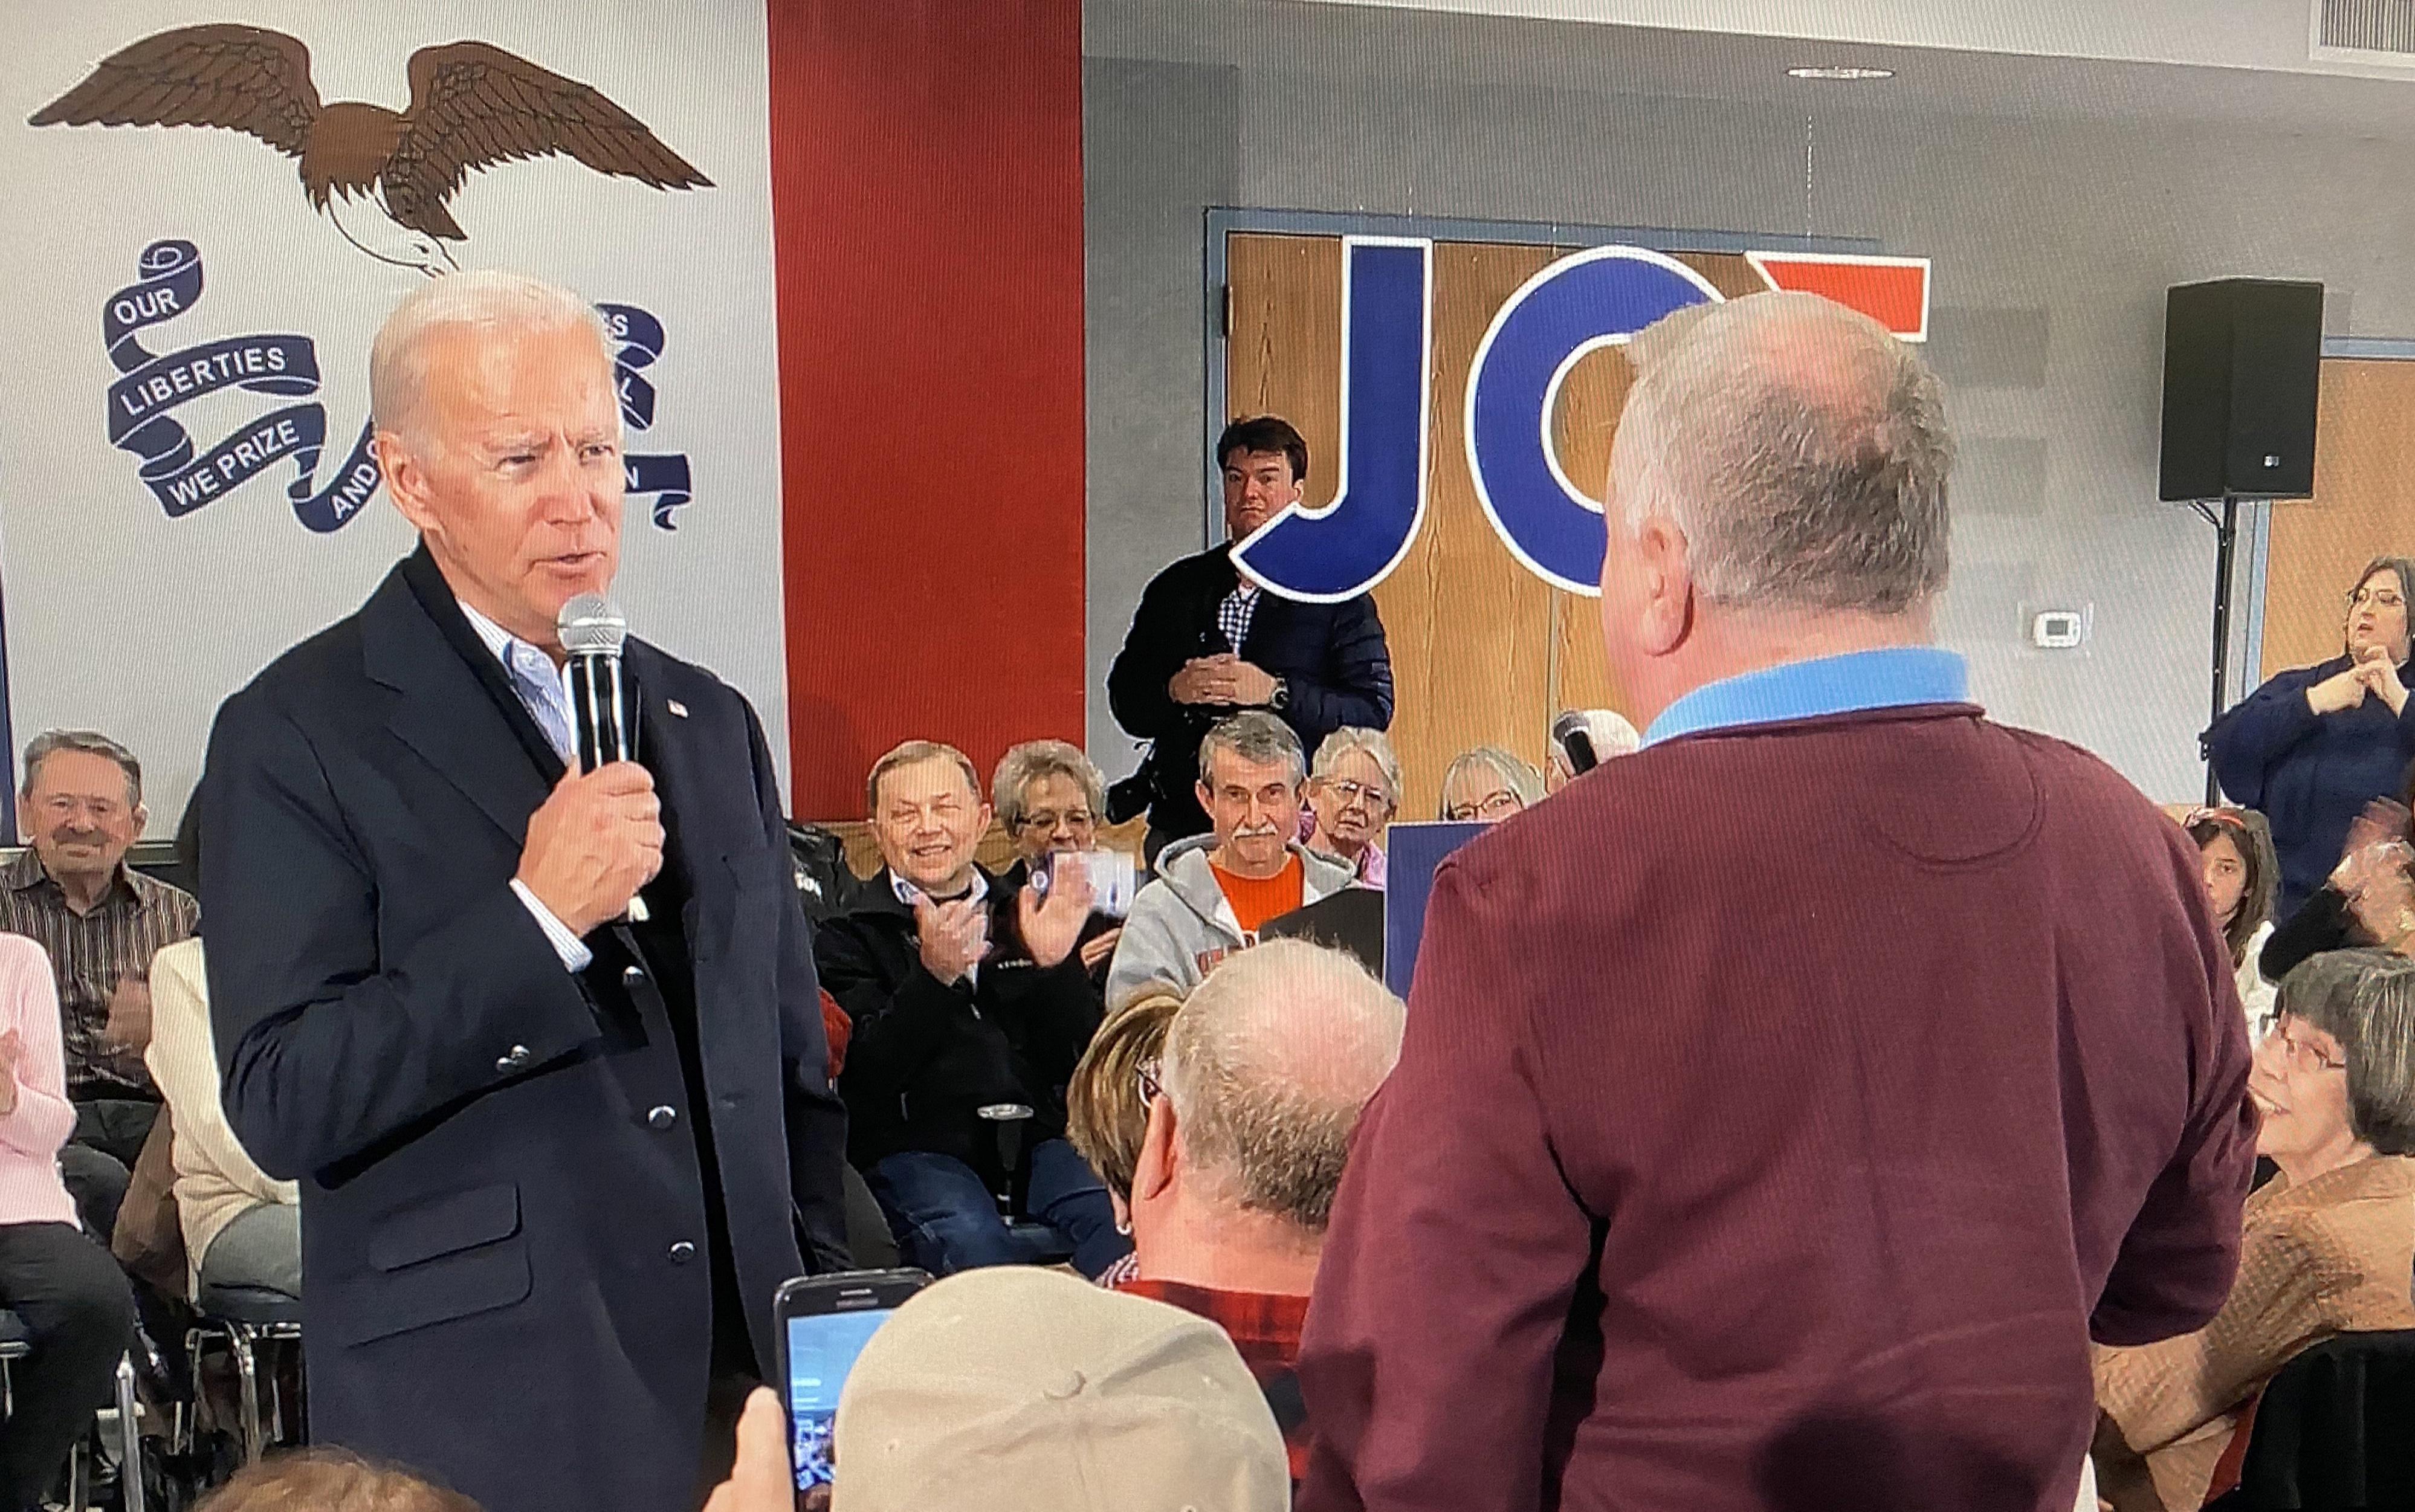 Biden trouve enfin le buzz sur les réseaux sociaux avec une vidéo virale de Trump